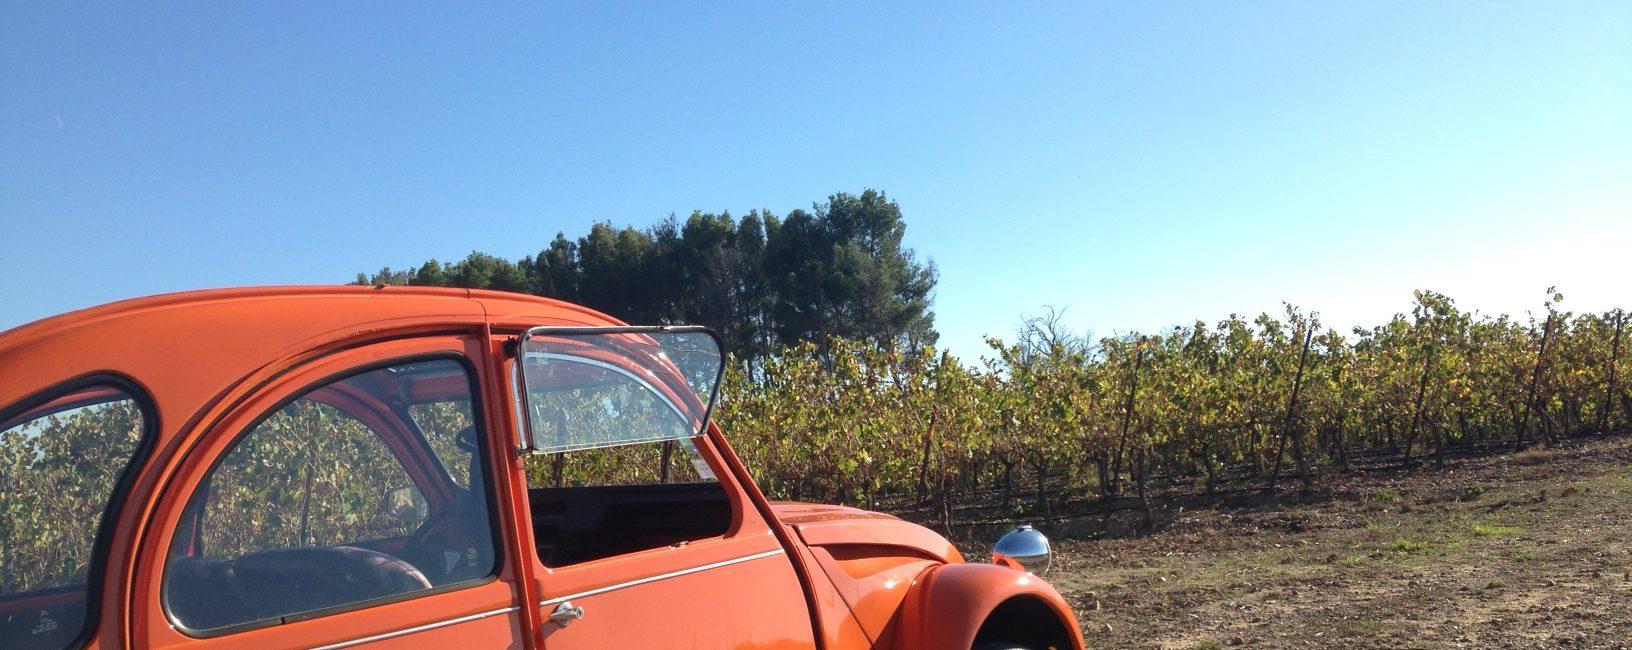 La deuche dans les vignobles de Foncalieu, du Minervois